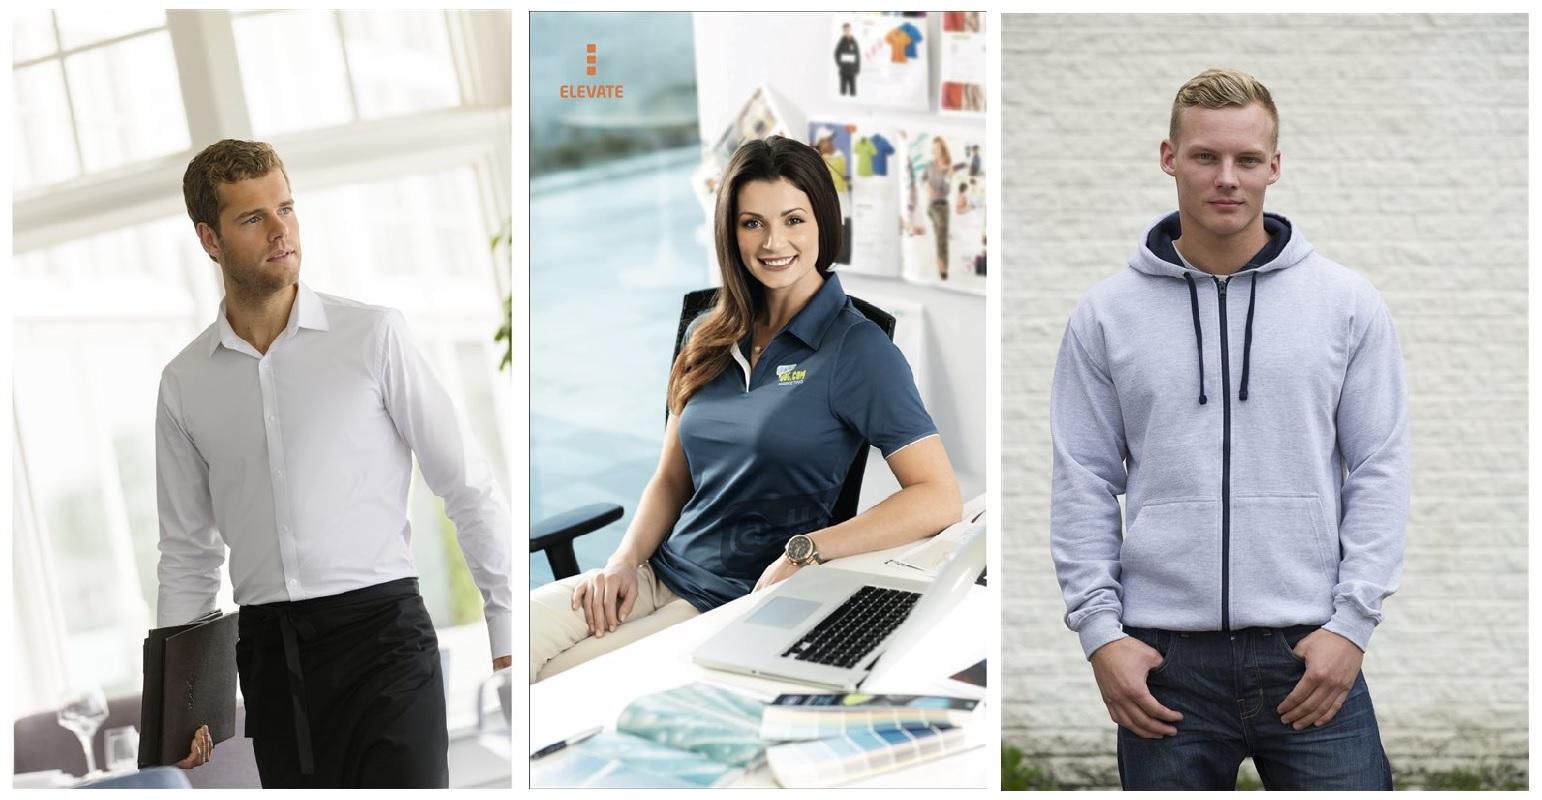 Sélection de vêtements publicitaires (chemise, polo, sweat)